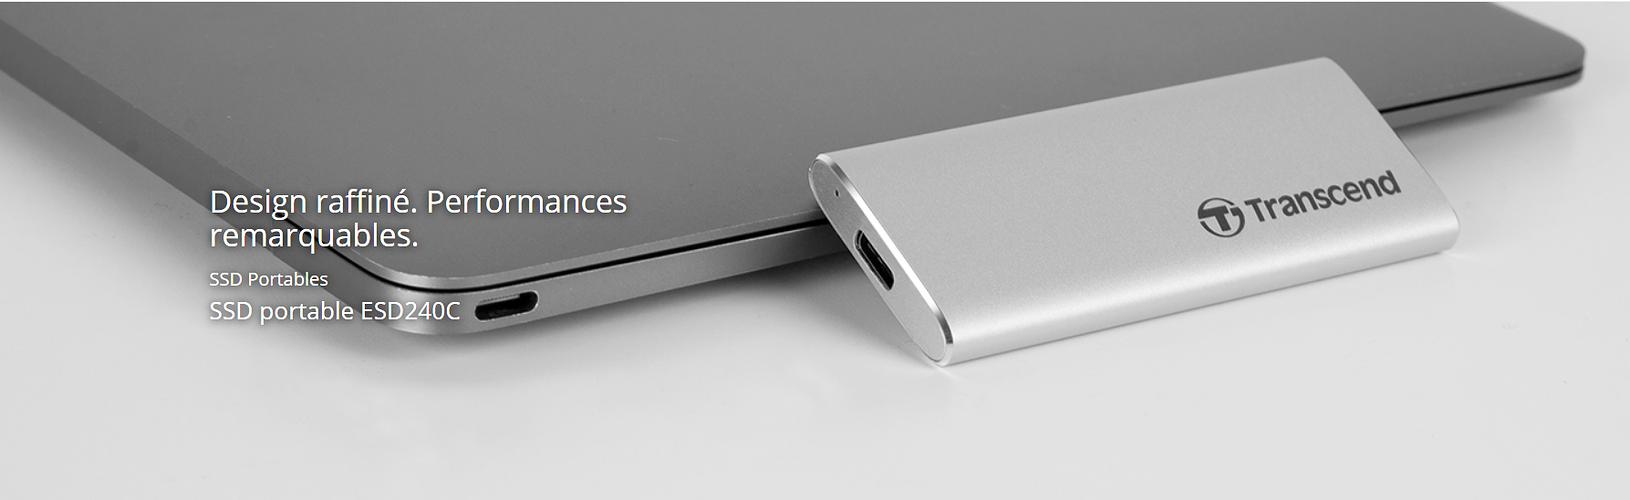 """LOT DE 2 DISQUES DURS EXTERNES 120GB SSD 2.5"""" USB TYPE-C EXTRA SLIM ts120gesd240c2"""